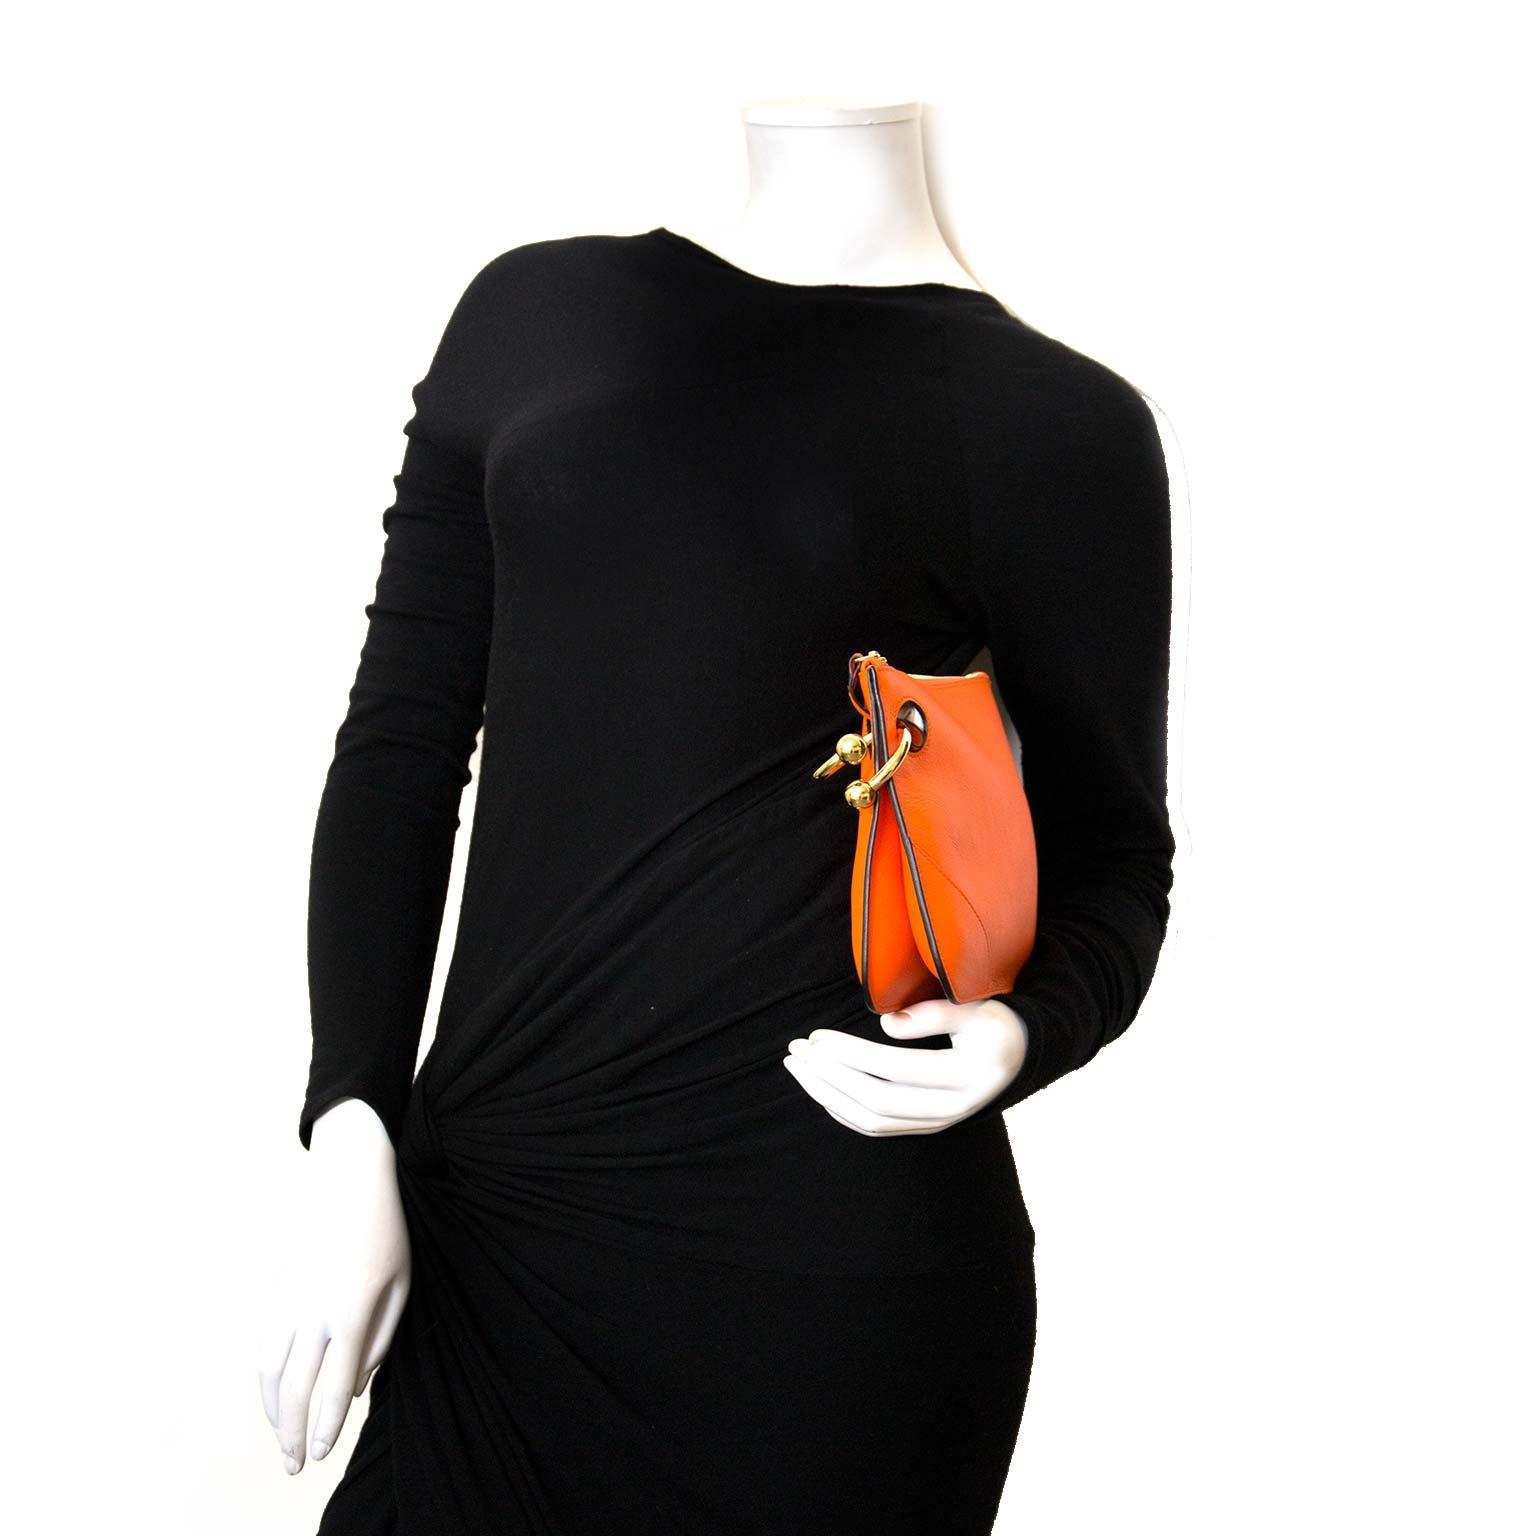 koop authentieke jw anderson tangerine clutch bij labellov vintage mode webshop belgië